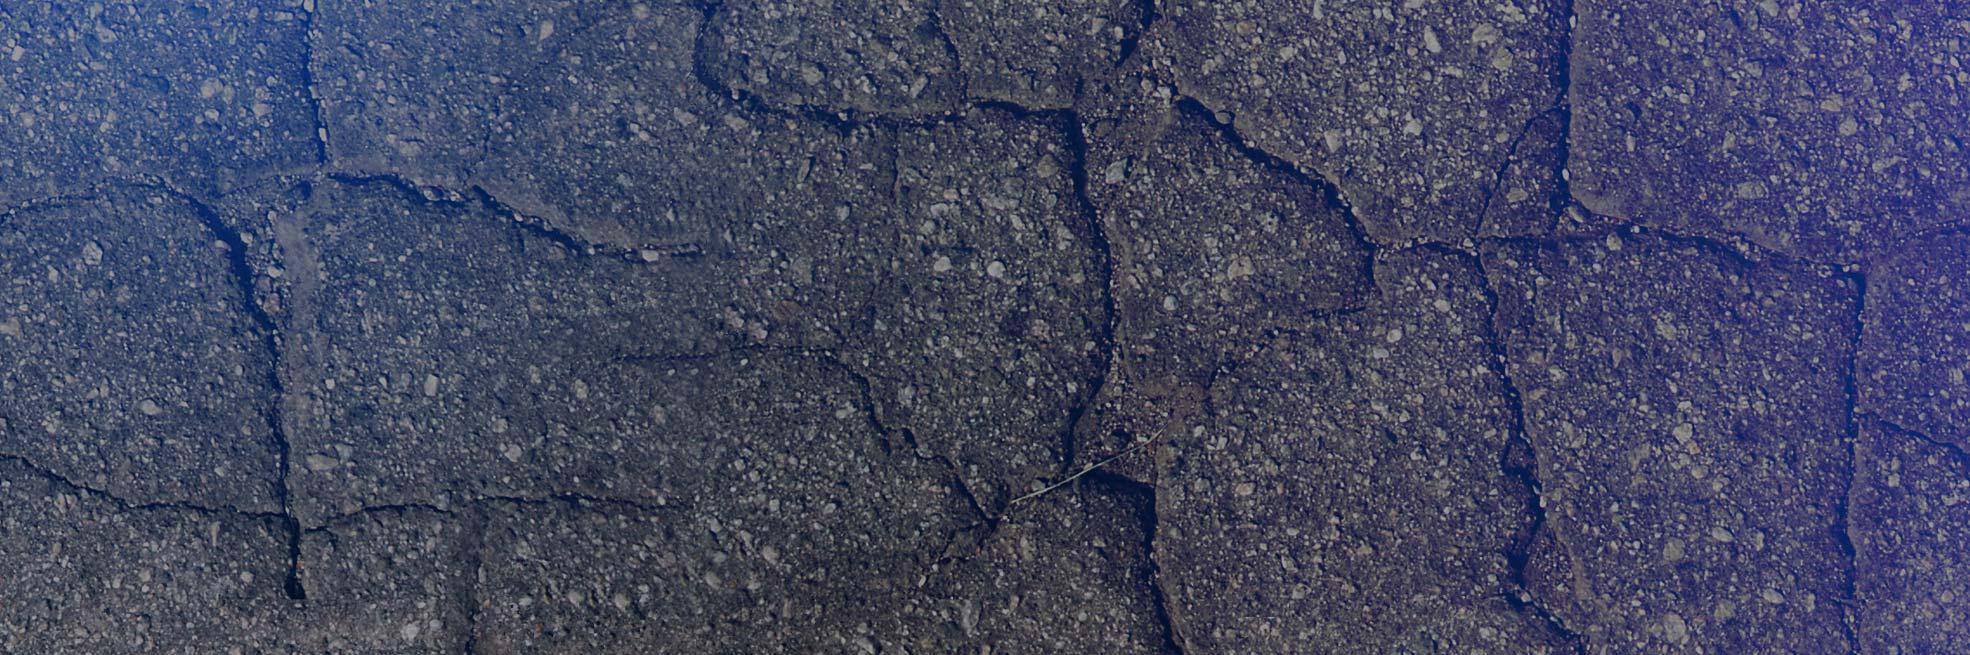 asphalte craqué